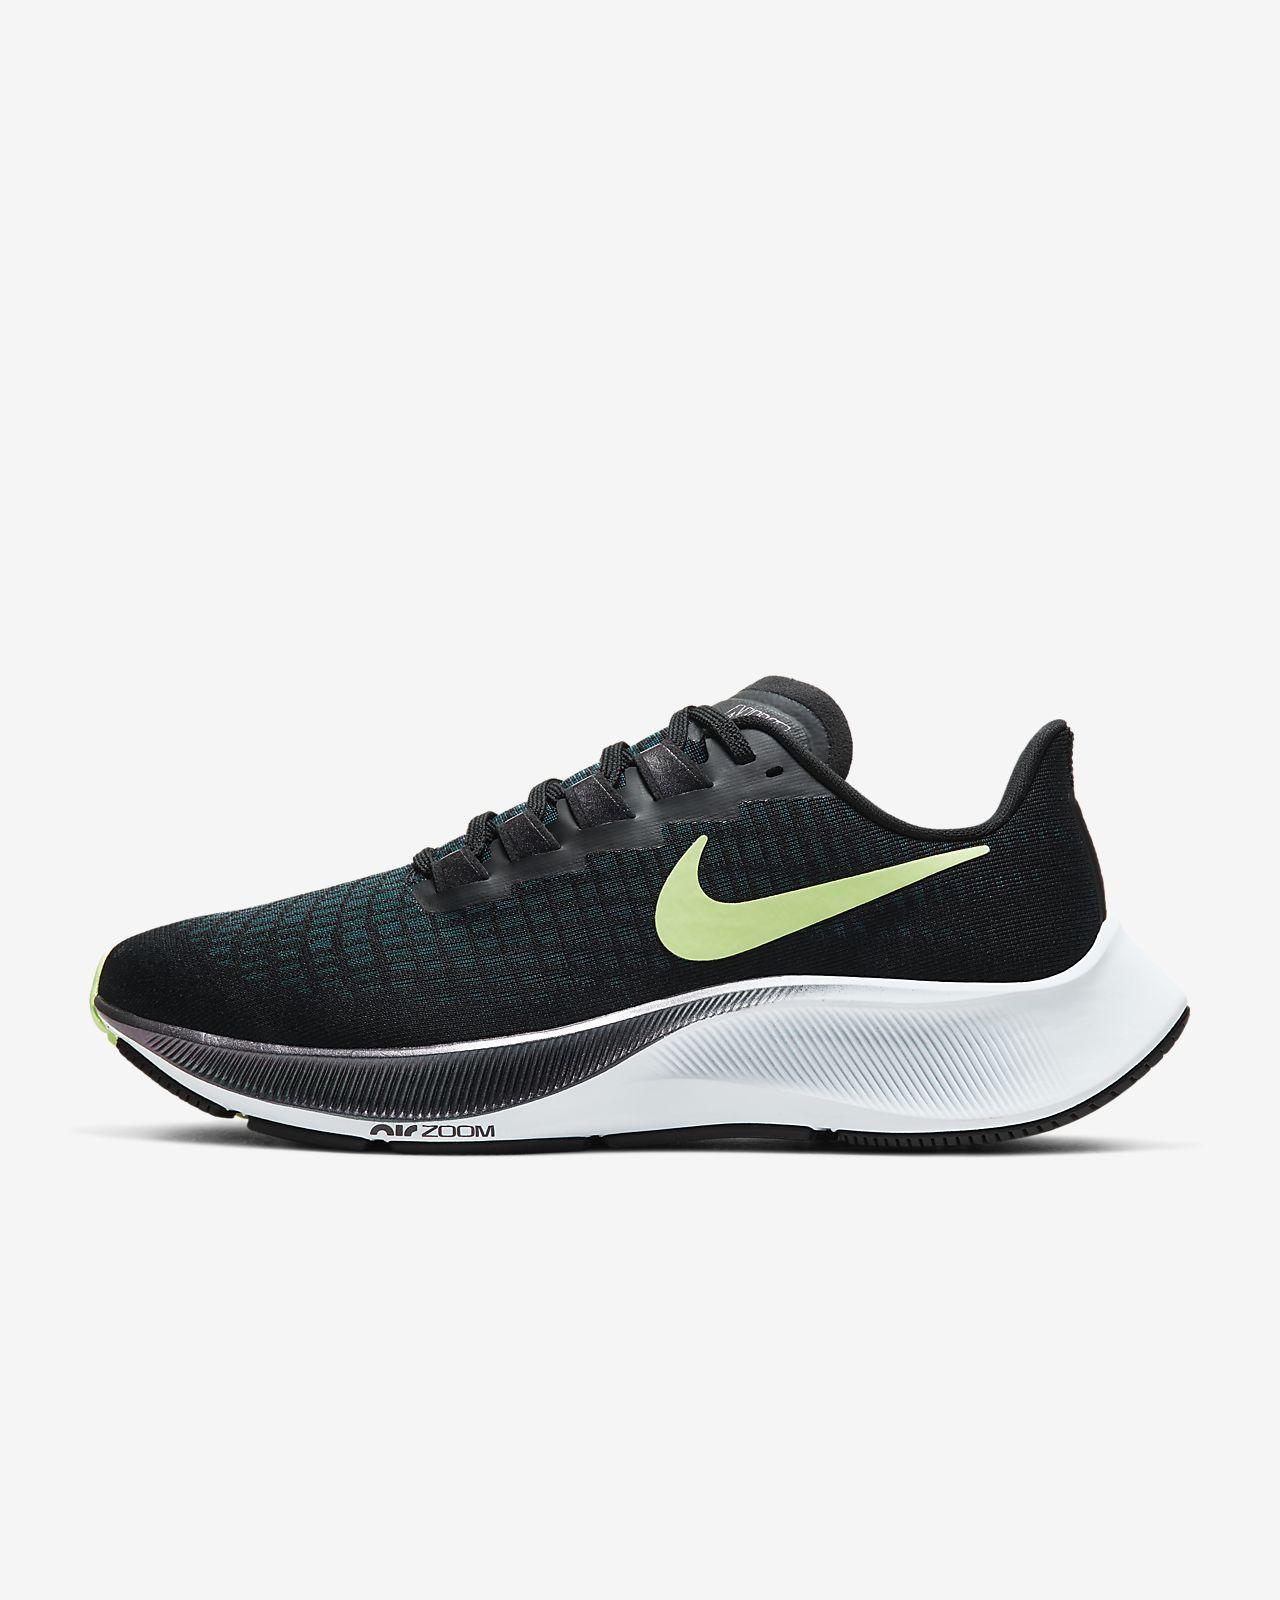 Dámská běžecká bota Nike Air Zoom Pegasus 37